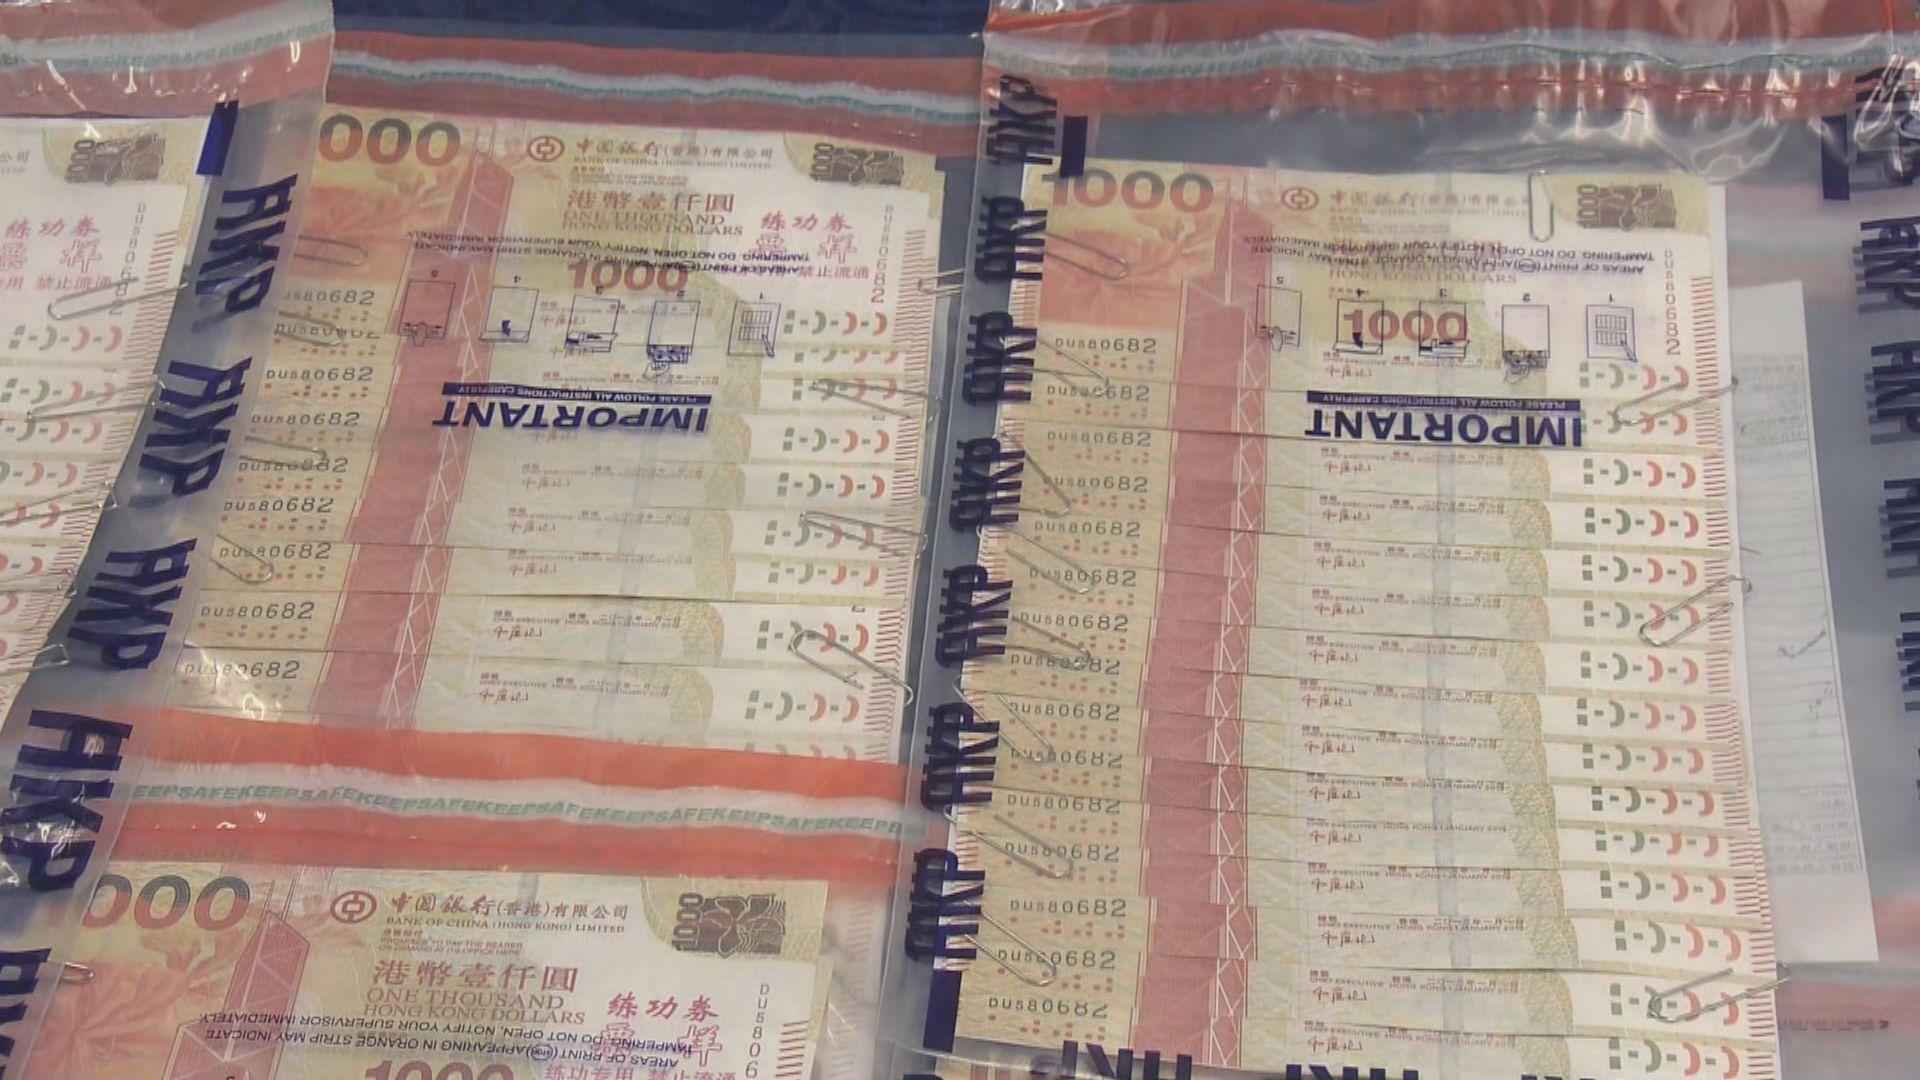 警方檢獲三十萬元偽鈔 相信流入市面情況有限